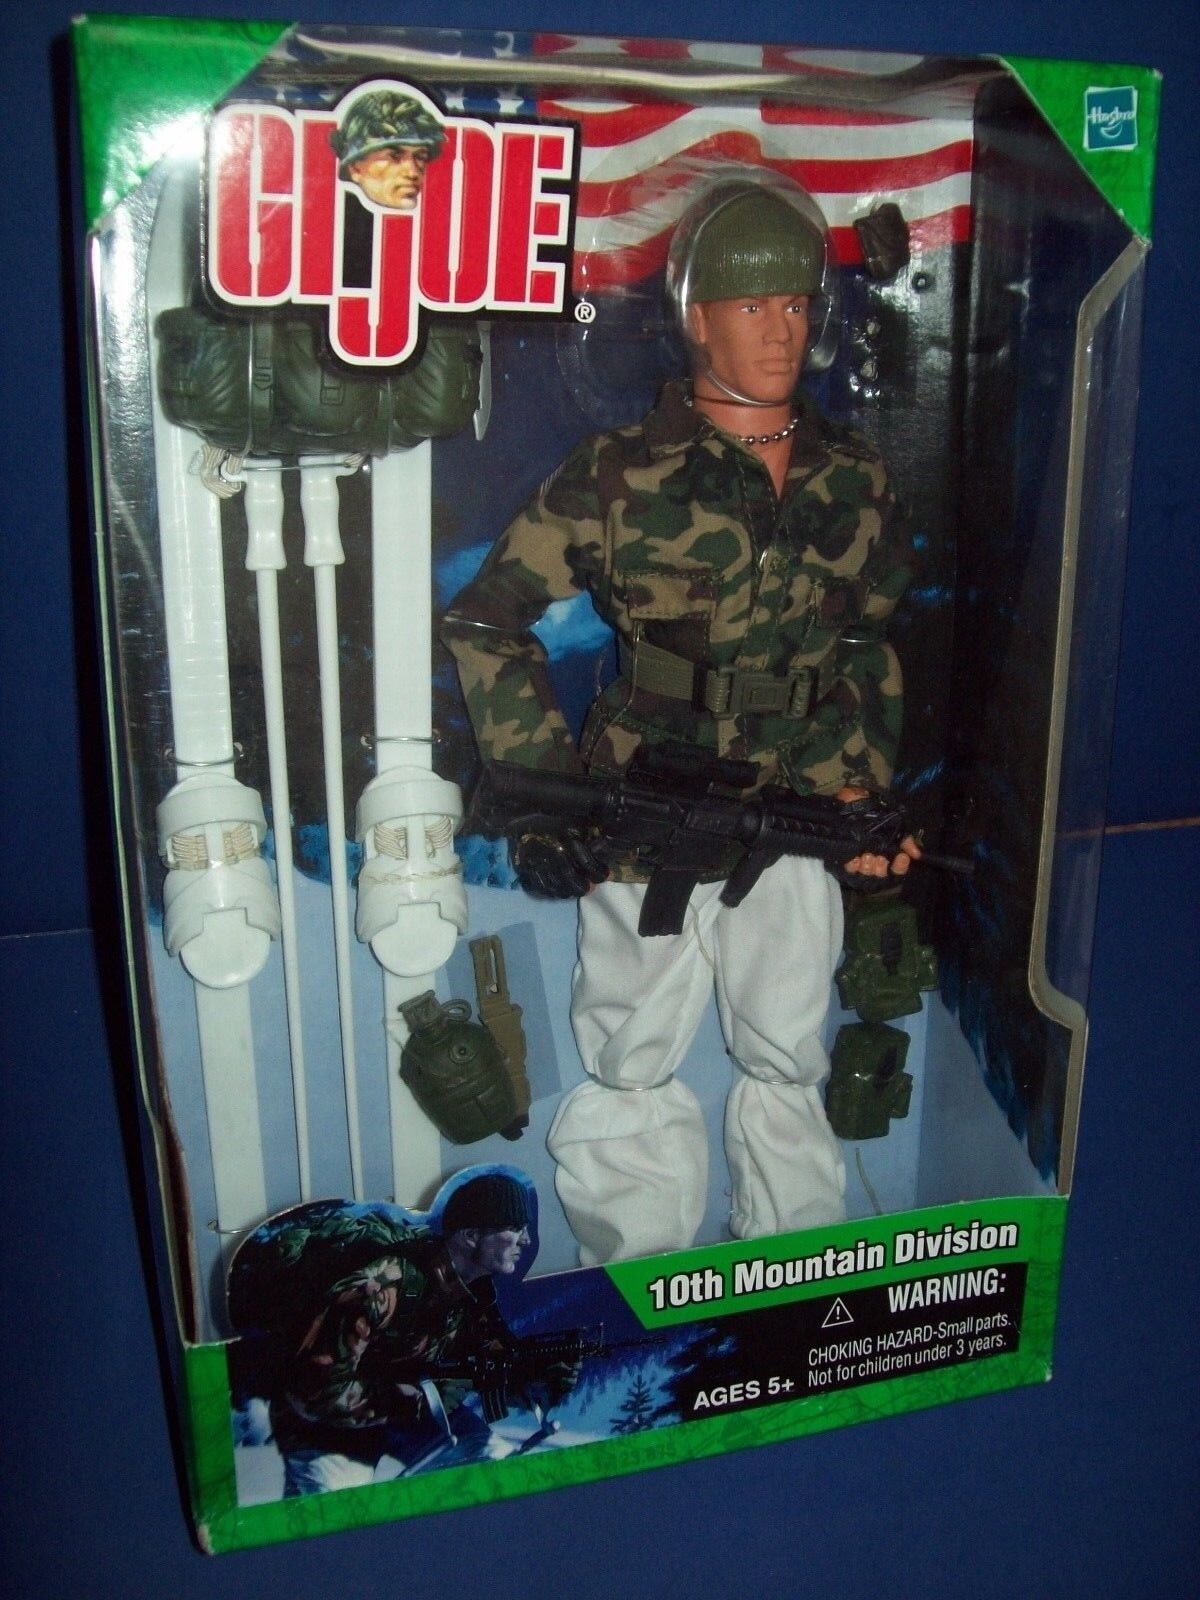 Gi - joe 10th mountain division hasbro 2003 mit roten haaren versiegelt nib